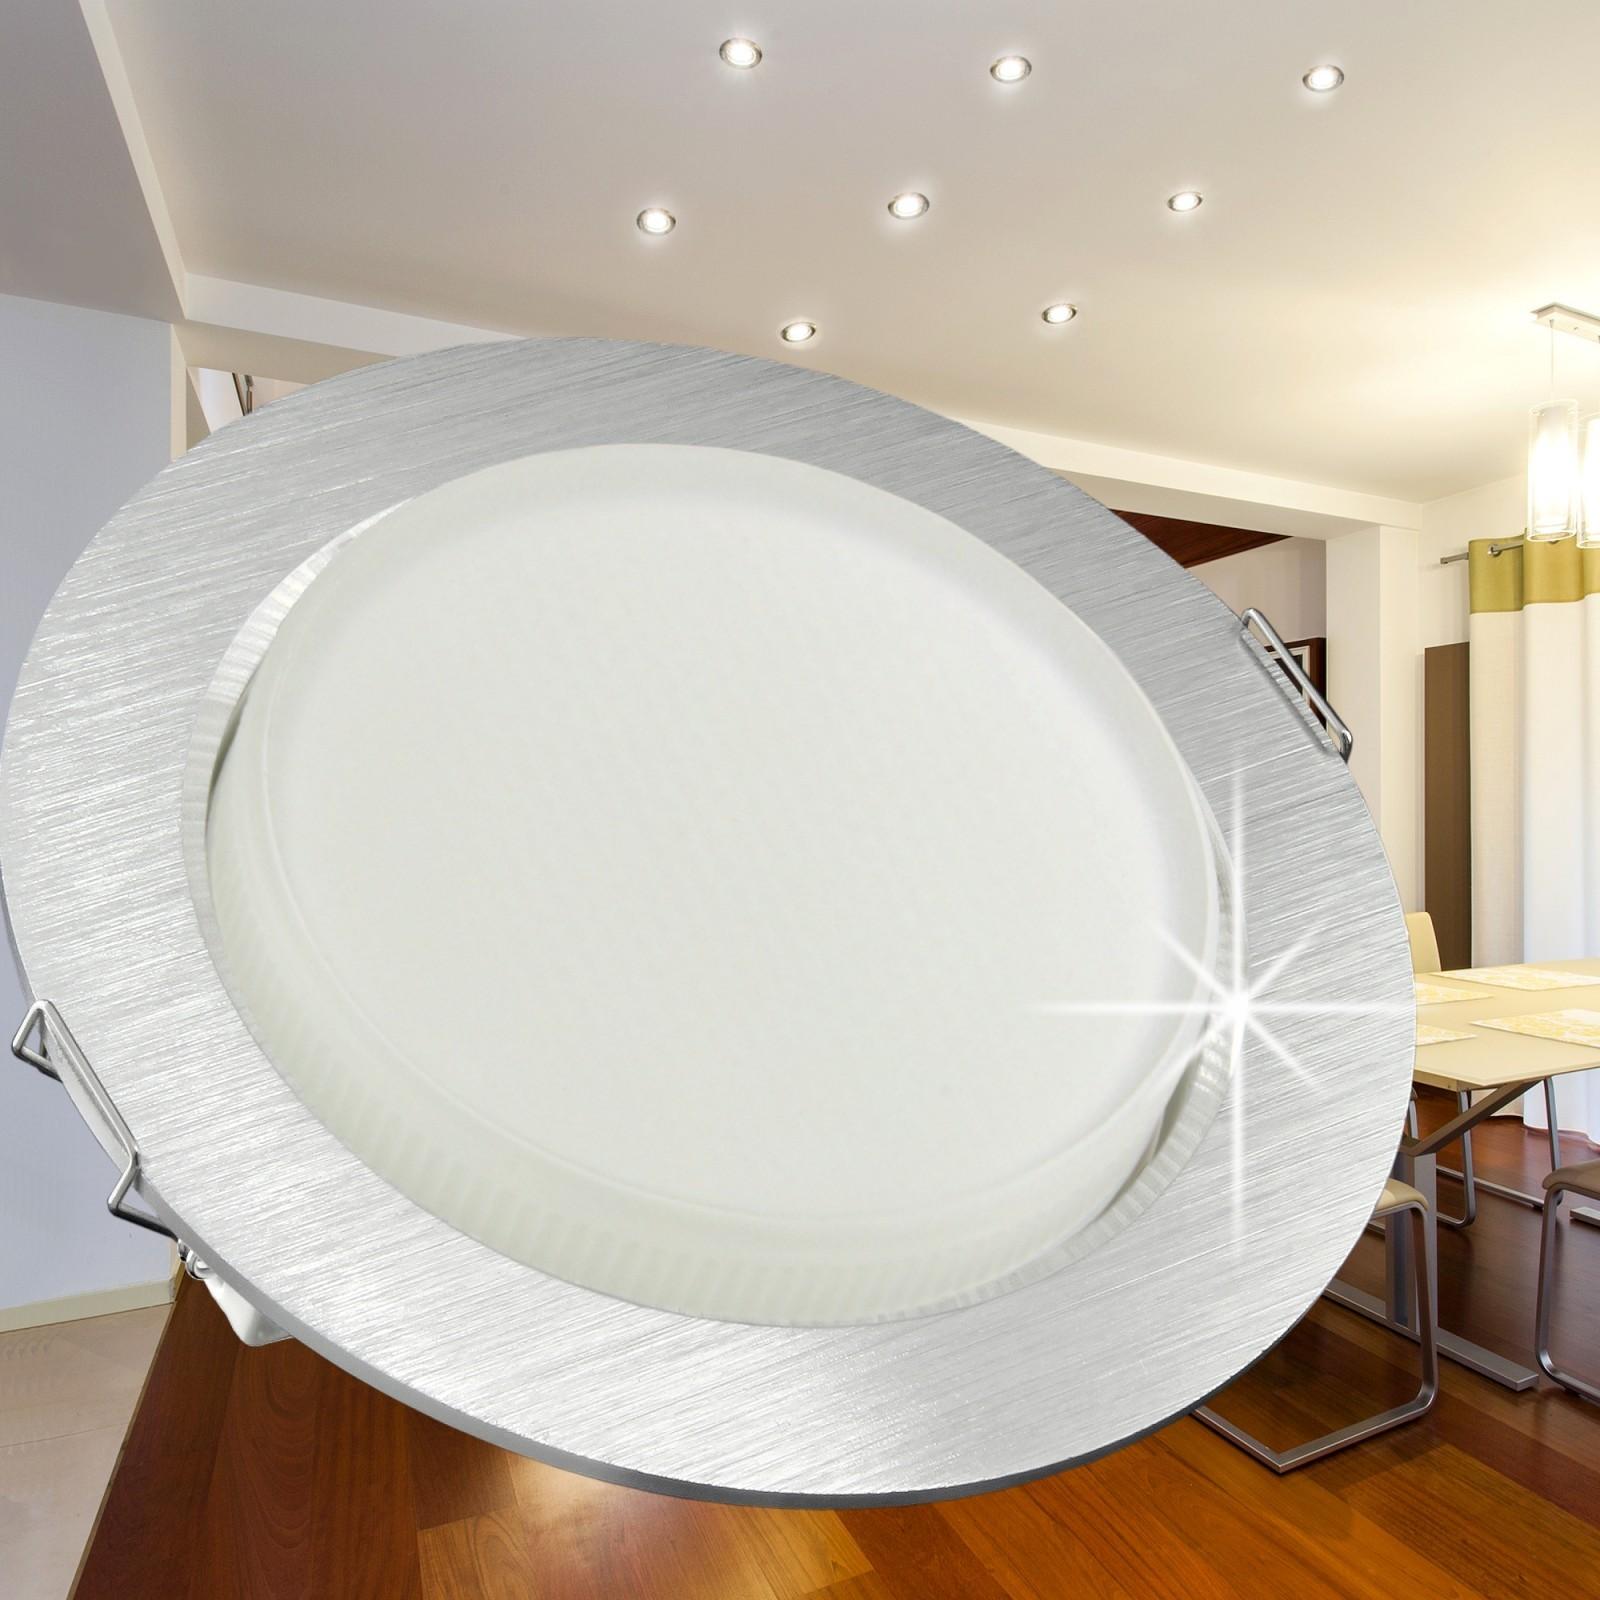 rx 3 flacher alu led einbaustrahler 230v 30smd leds warm weiss wie 50w lampe ebay. Black Bedroom Furniture Sets. Home Design Ideas